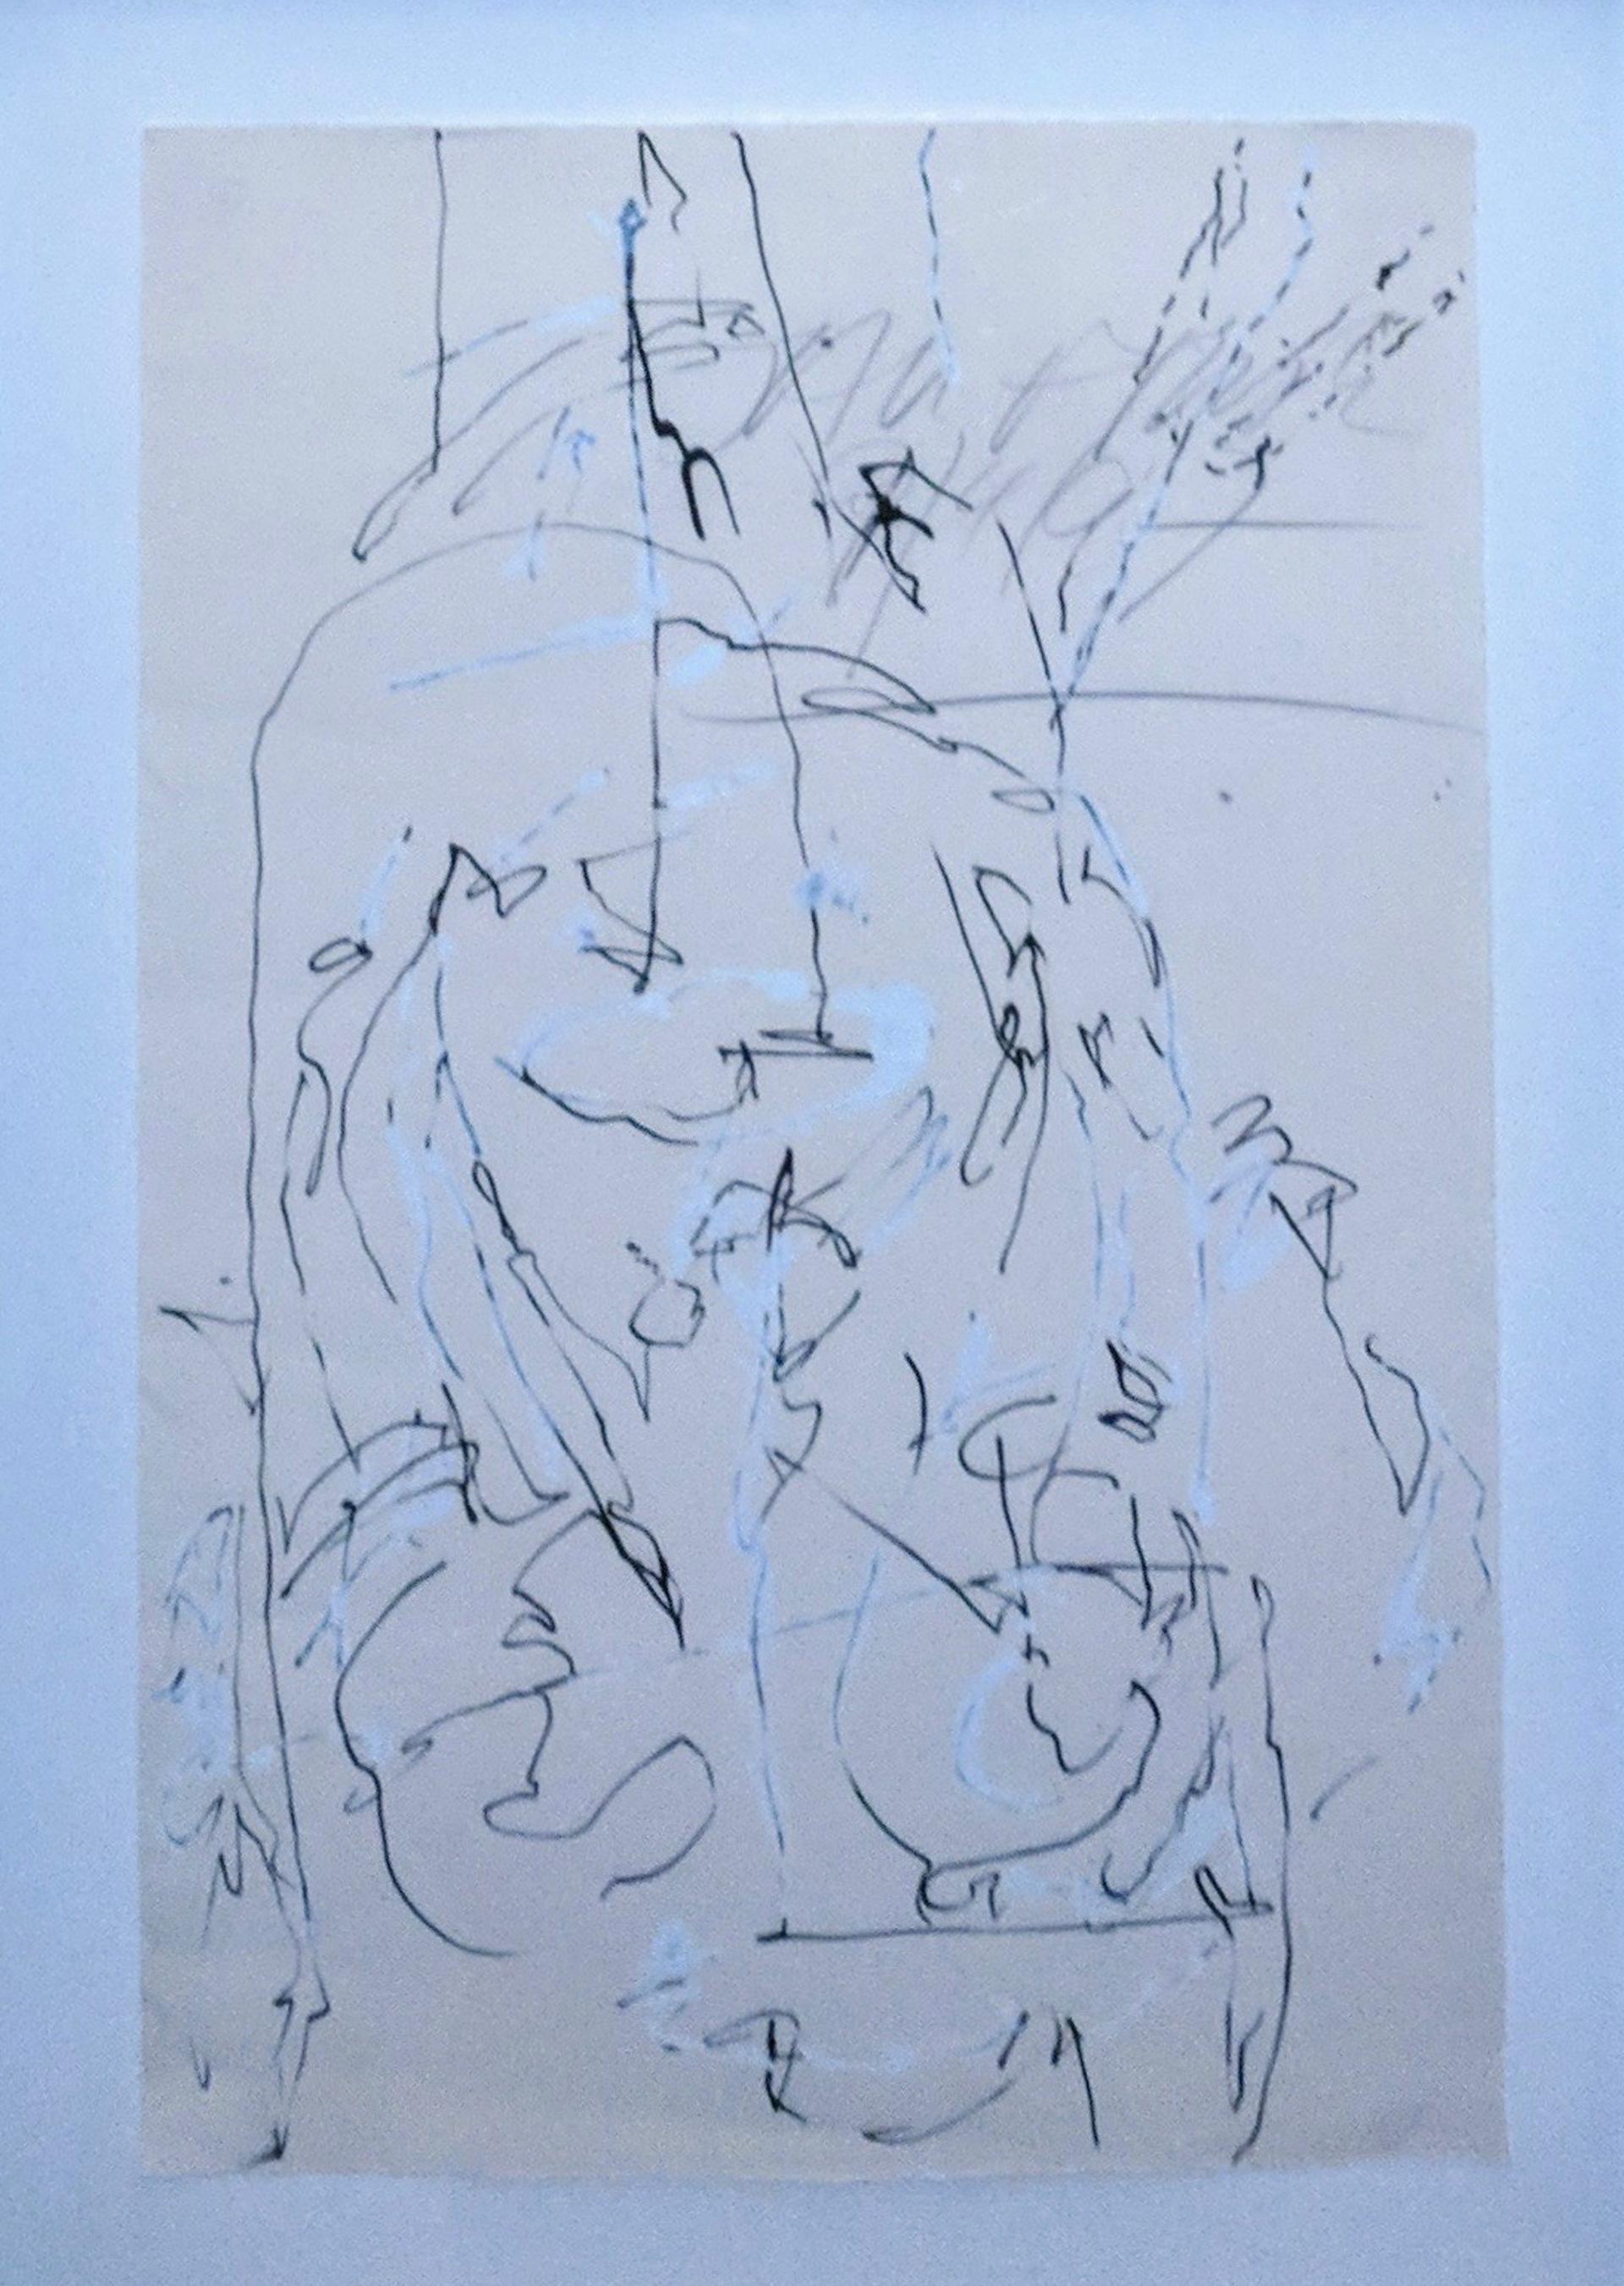 9/4/07 by Jan Frank